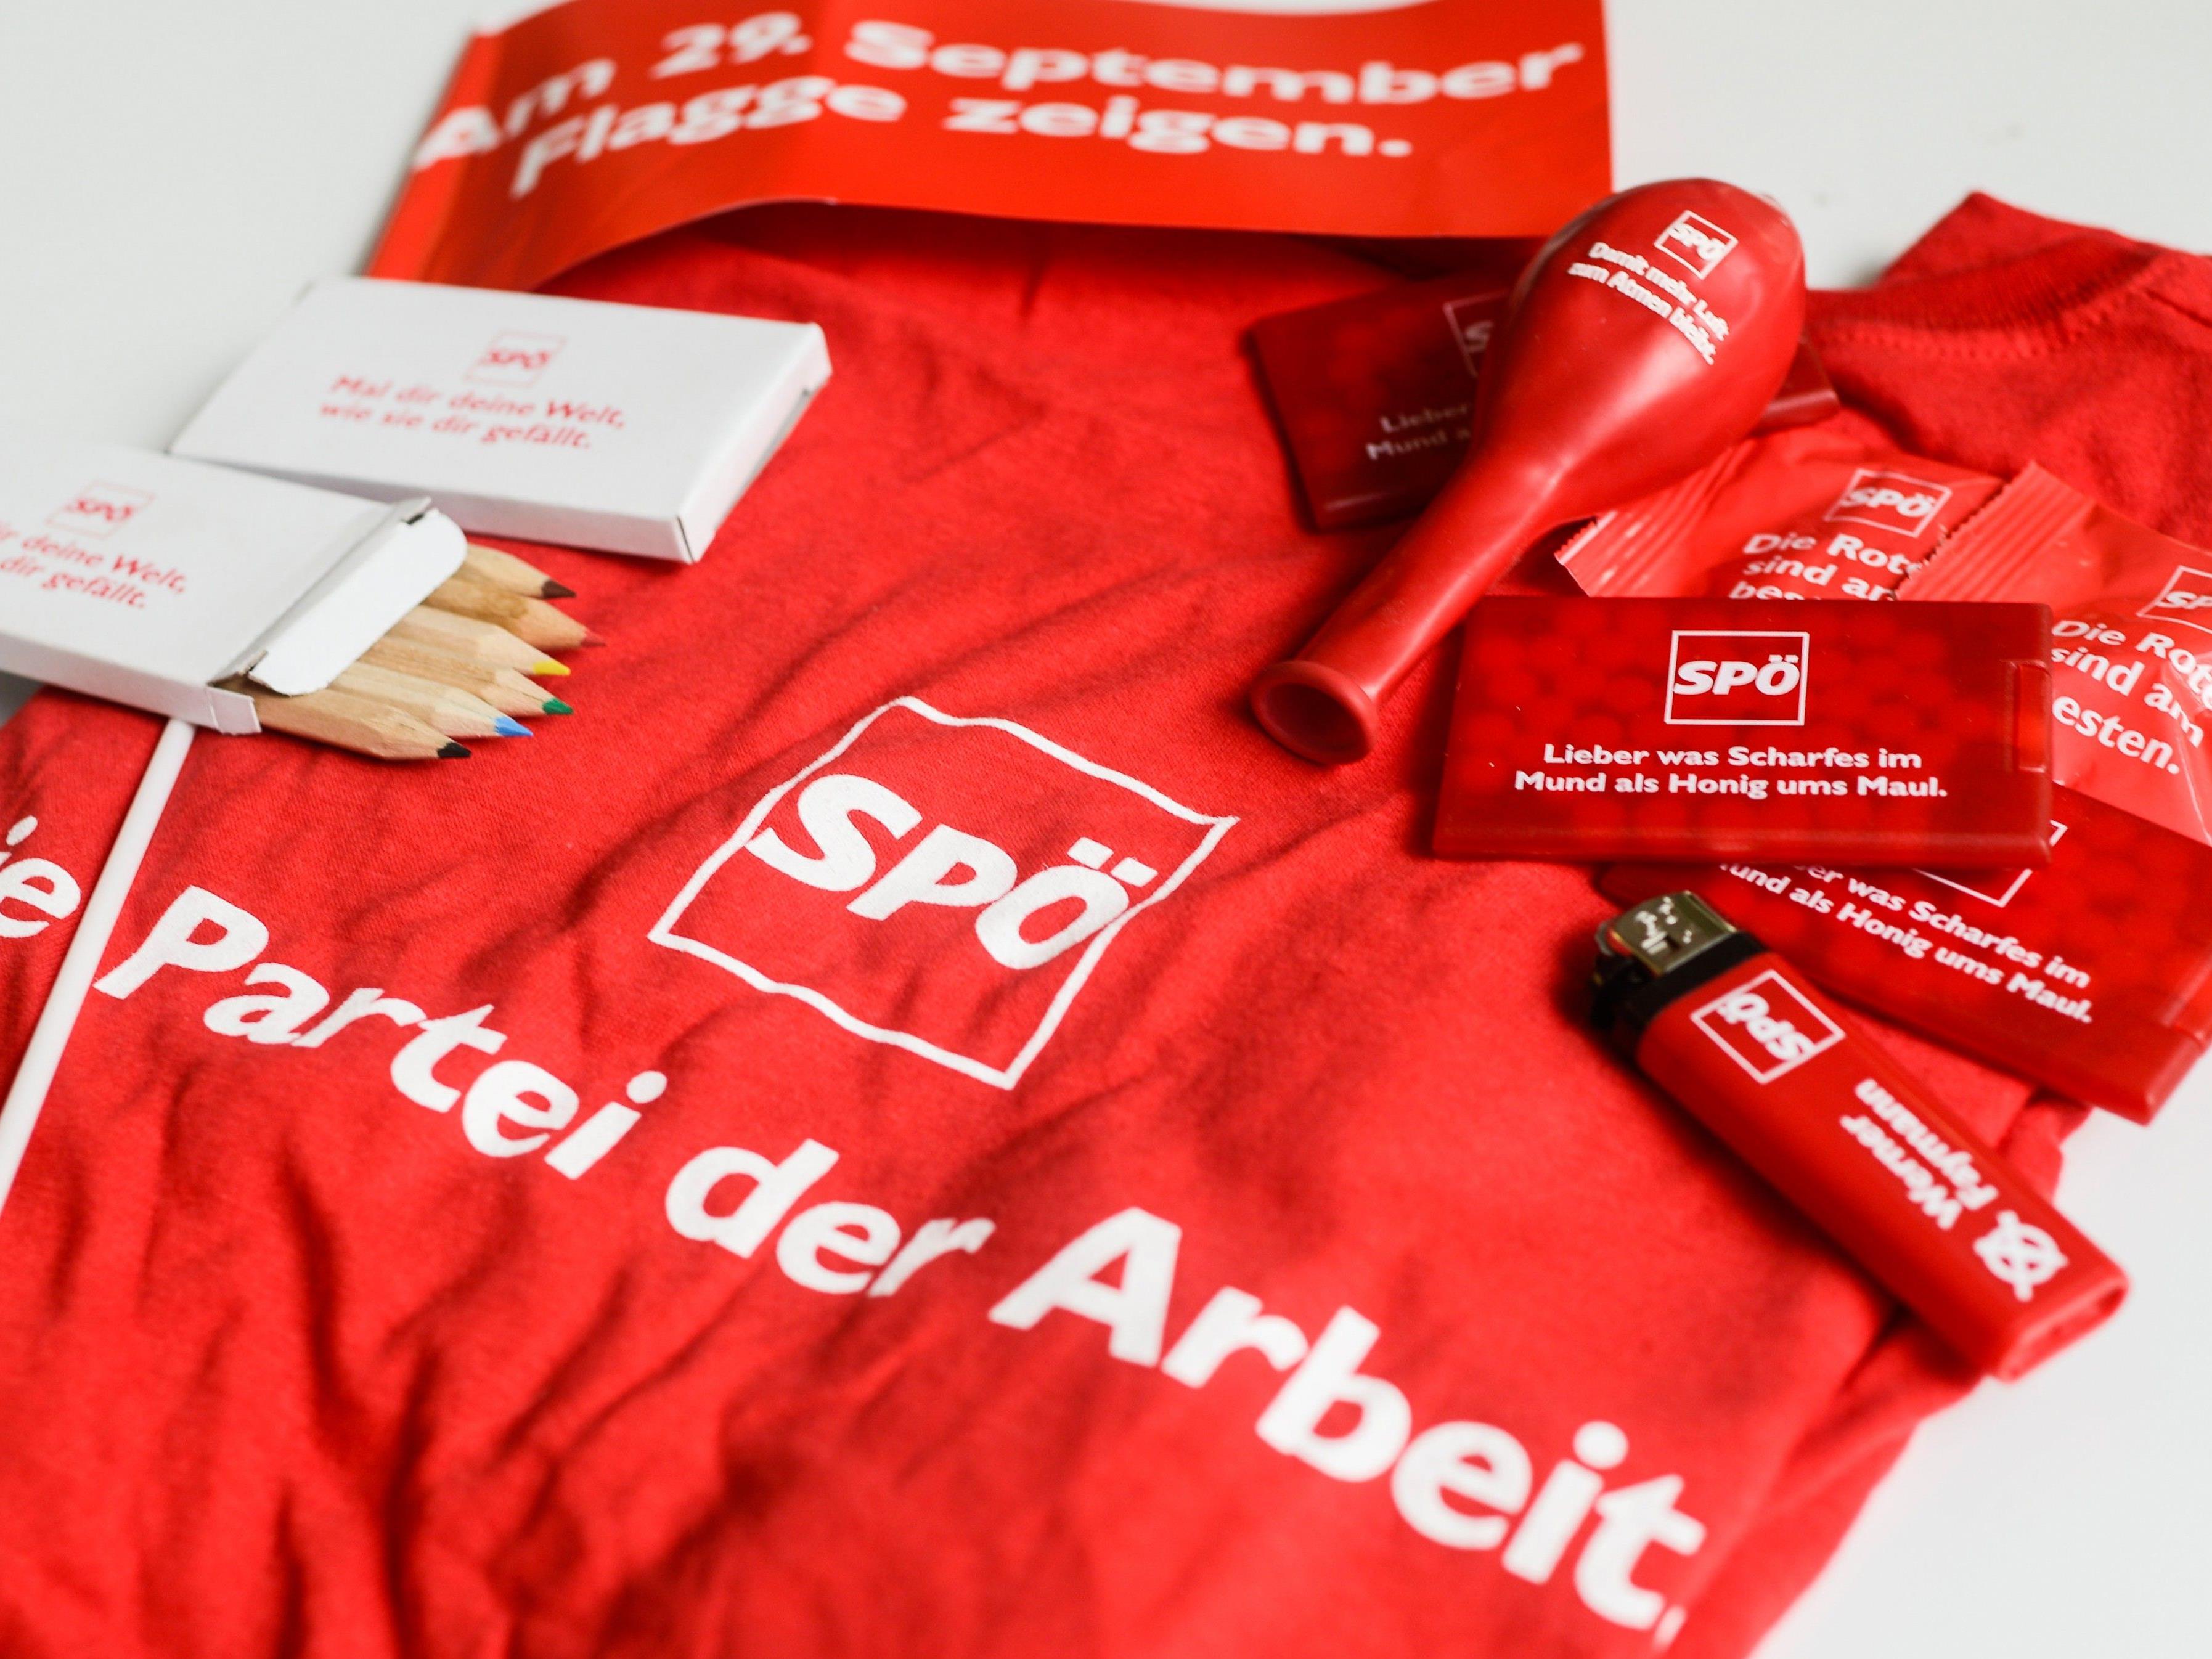 Die Wiener SPÖ verteilt im Wahlkampf Wahlgeschenke und macht Hausbesuche